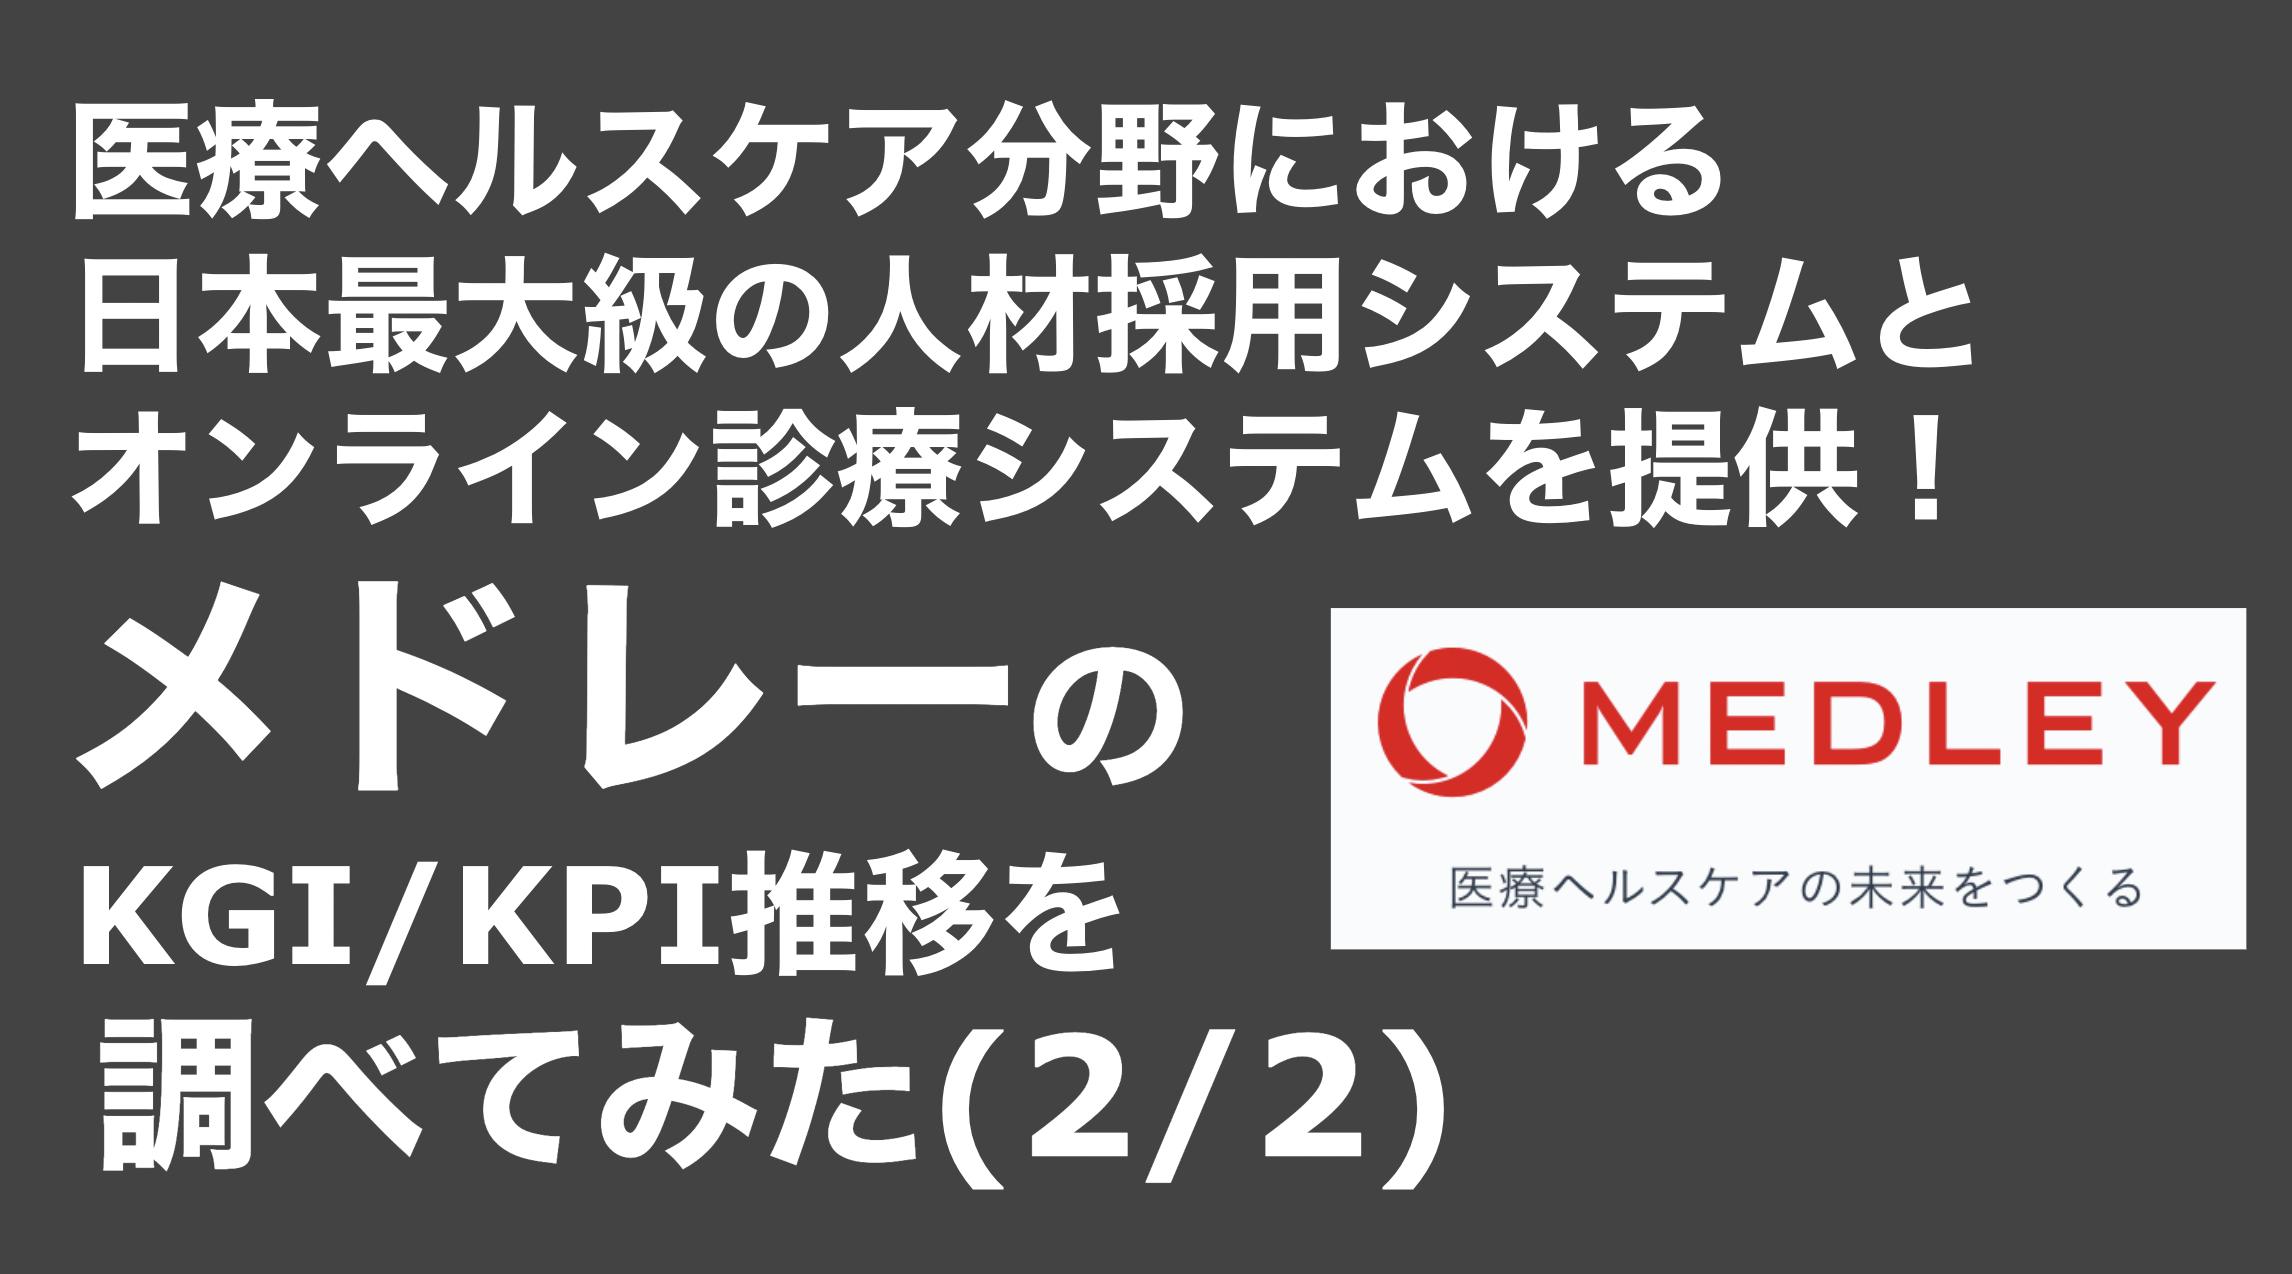 saaslife_医療ヘルスケア分野における日本最大級の人材採用システムとオンライン診療システムを提供!メドレーのKGI/KPI推移を調べてみた(2/2)